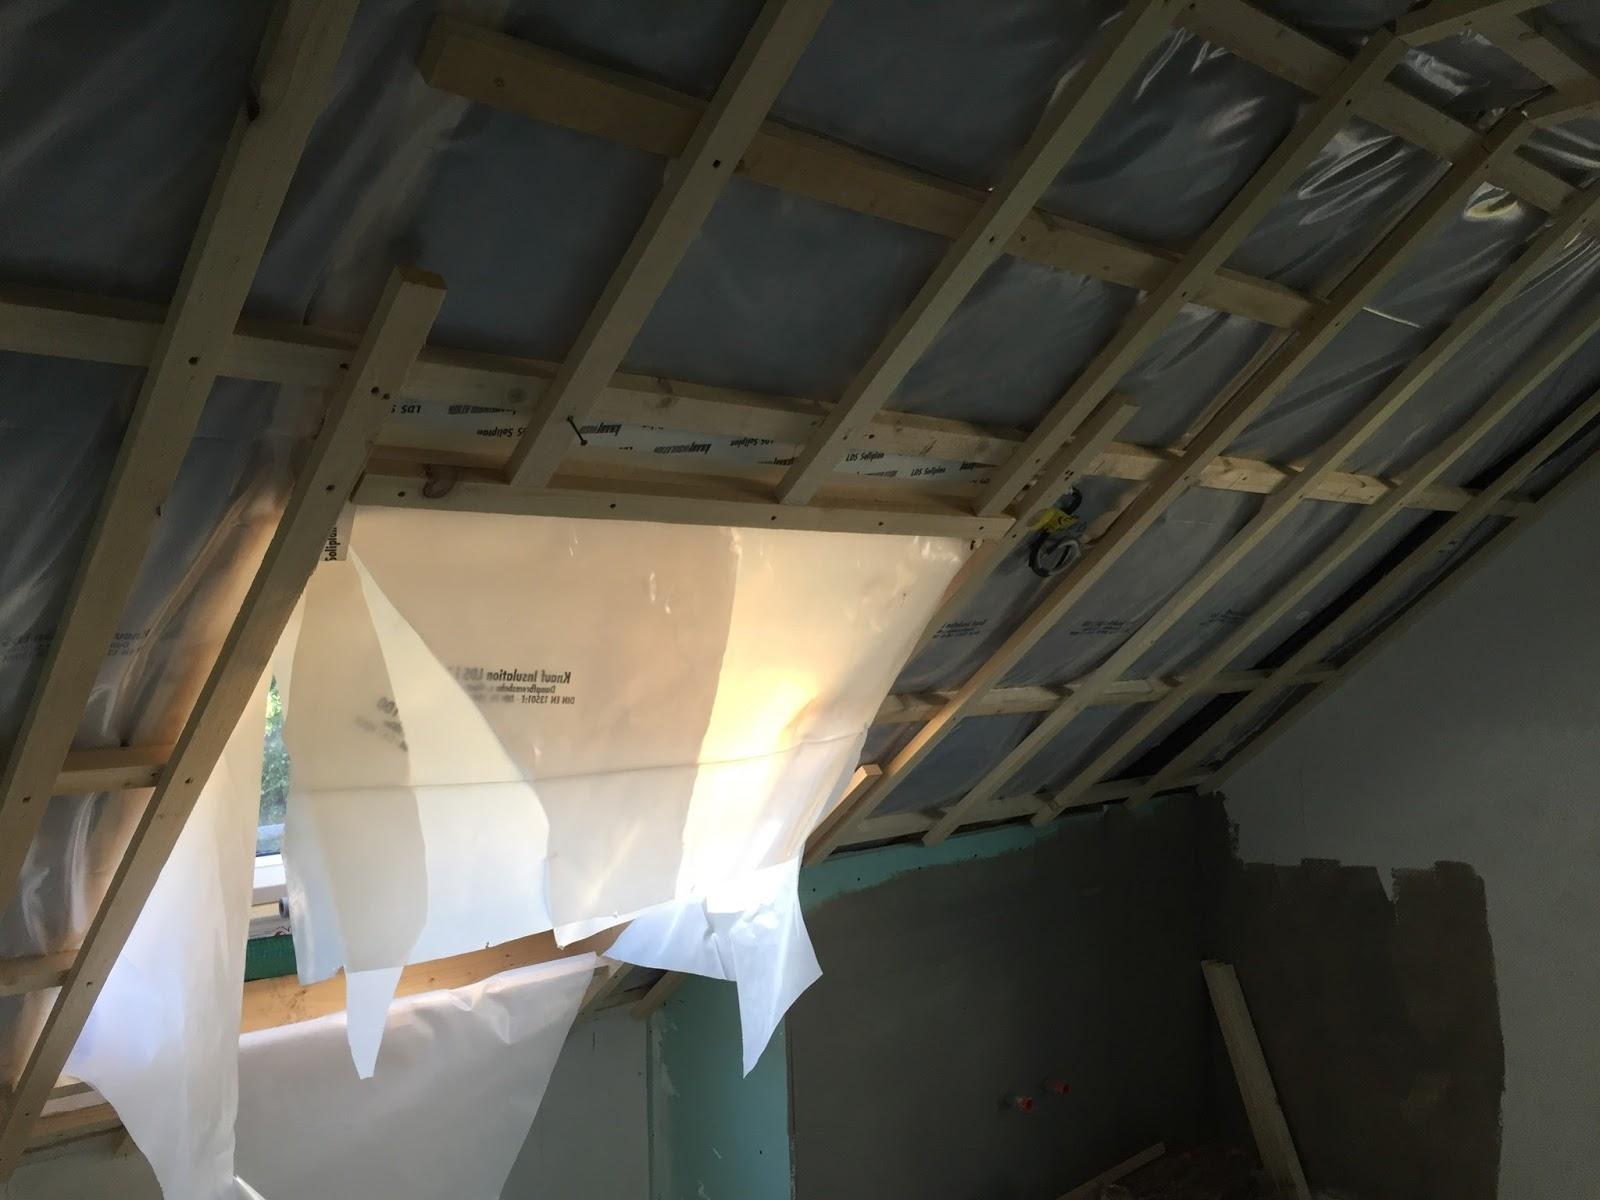 Decken Verkleiden Interesting Good Boden Im Selben Holz Verkleiden Glaswand Decke With Wand Mit